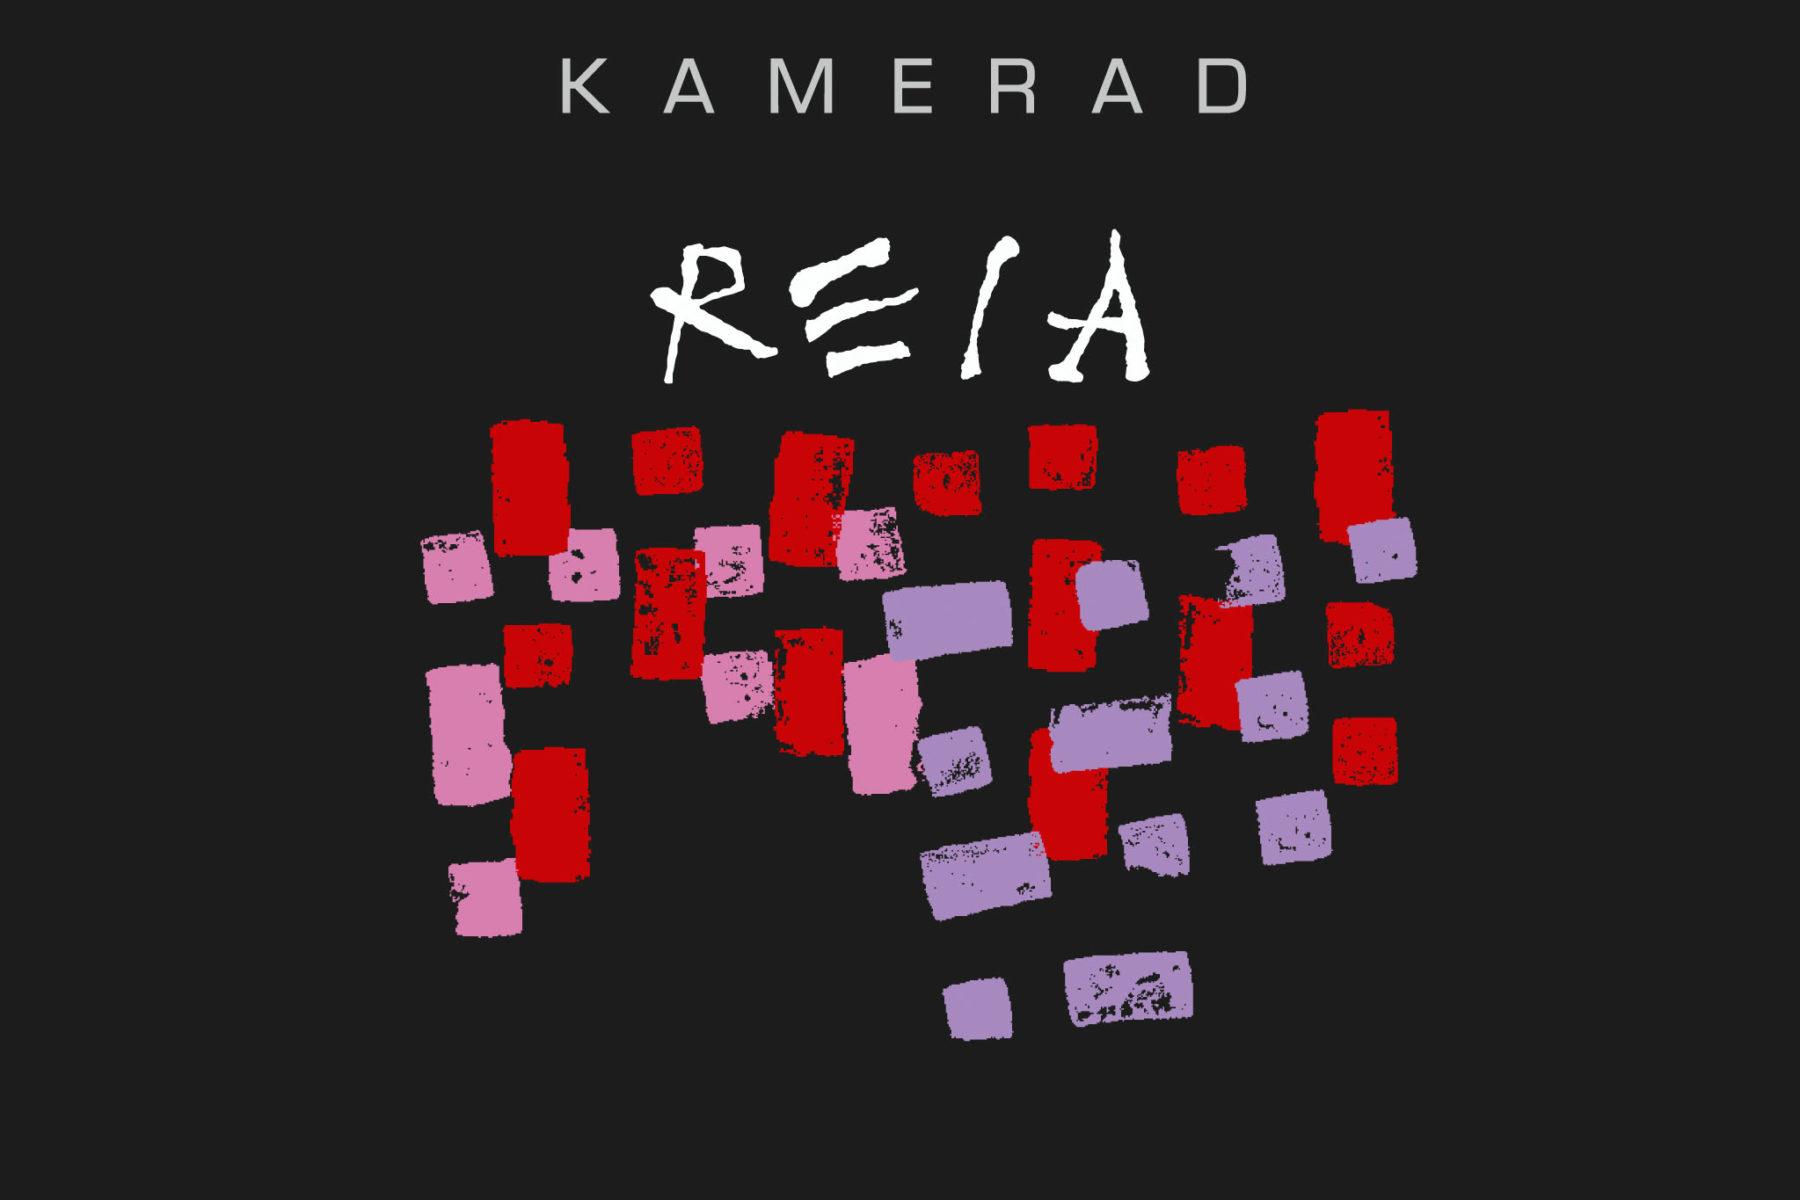 Reia - etiketa KAMERAD